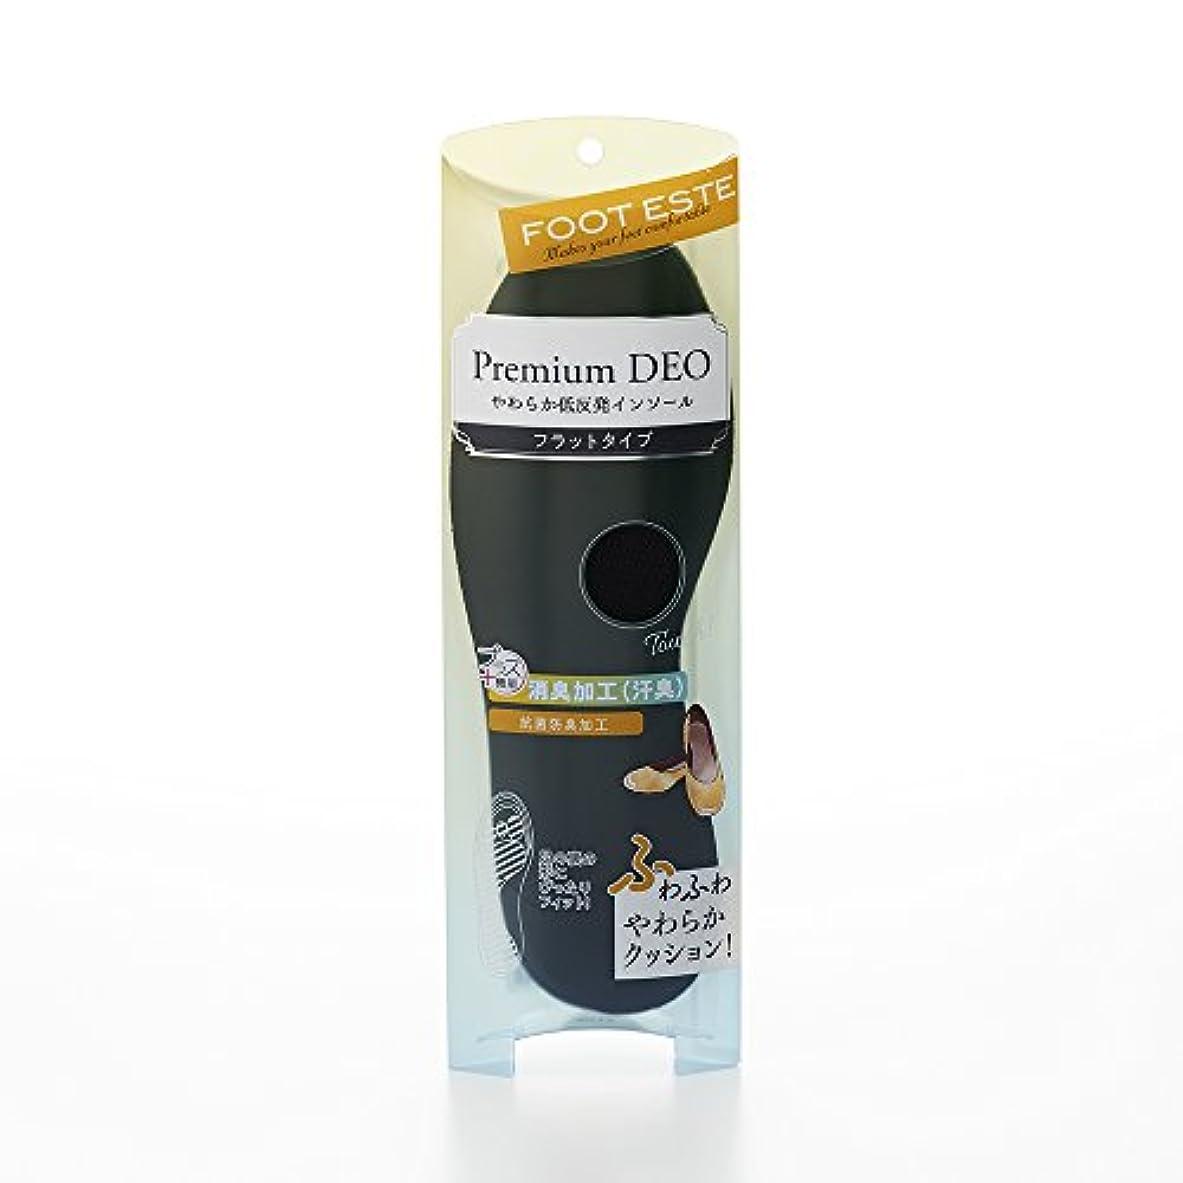 包括的表示証拠フットエステ Premium DEO プレミアムデオ やわらか低反発インソール フラットタイプ 【消臭 抗菌防臭】